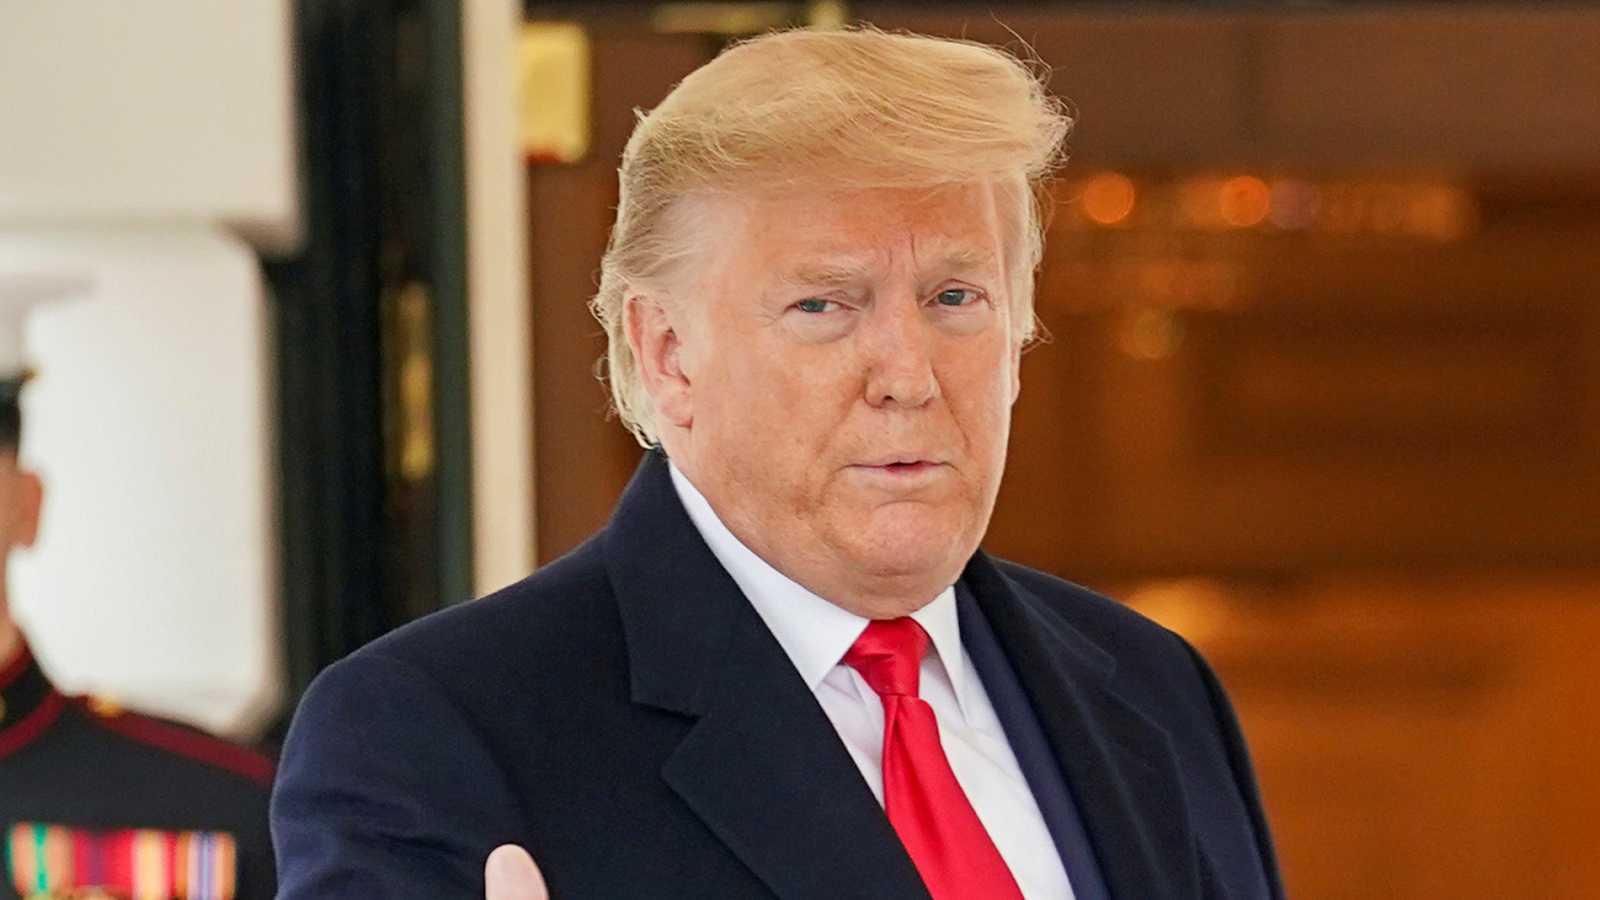 La mayor�a republicana absuelve a Trump de los cargos de abuso de poder y obstrucci�n al Congreso